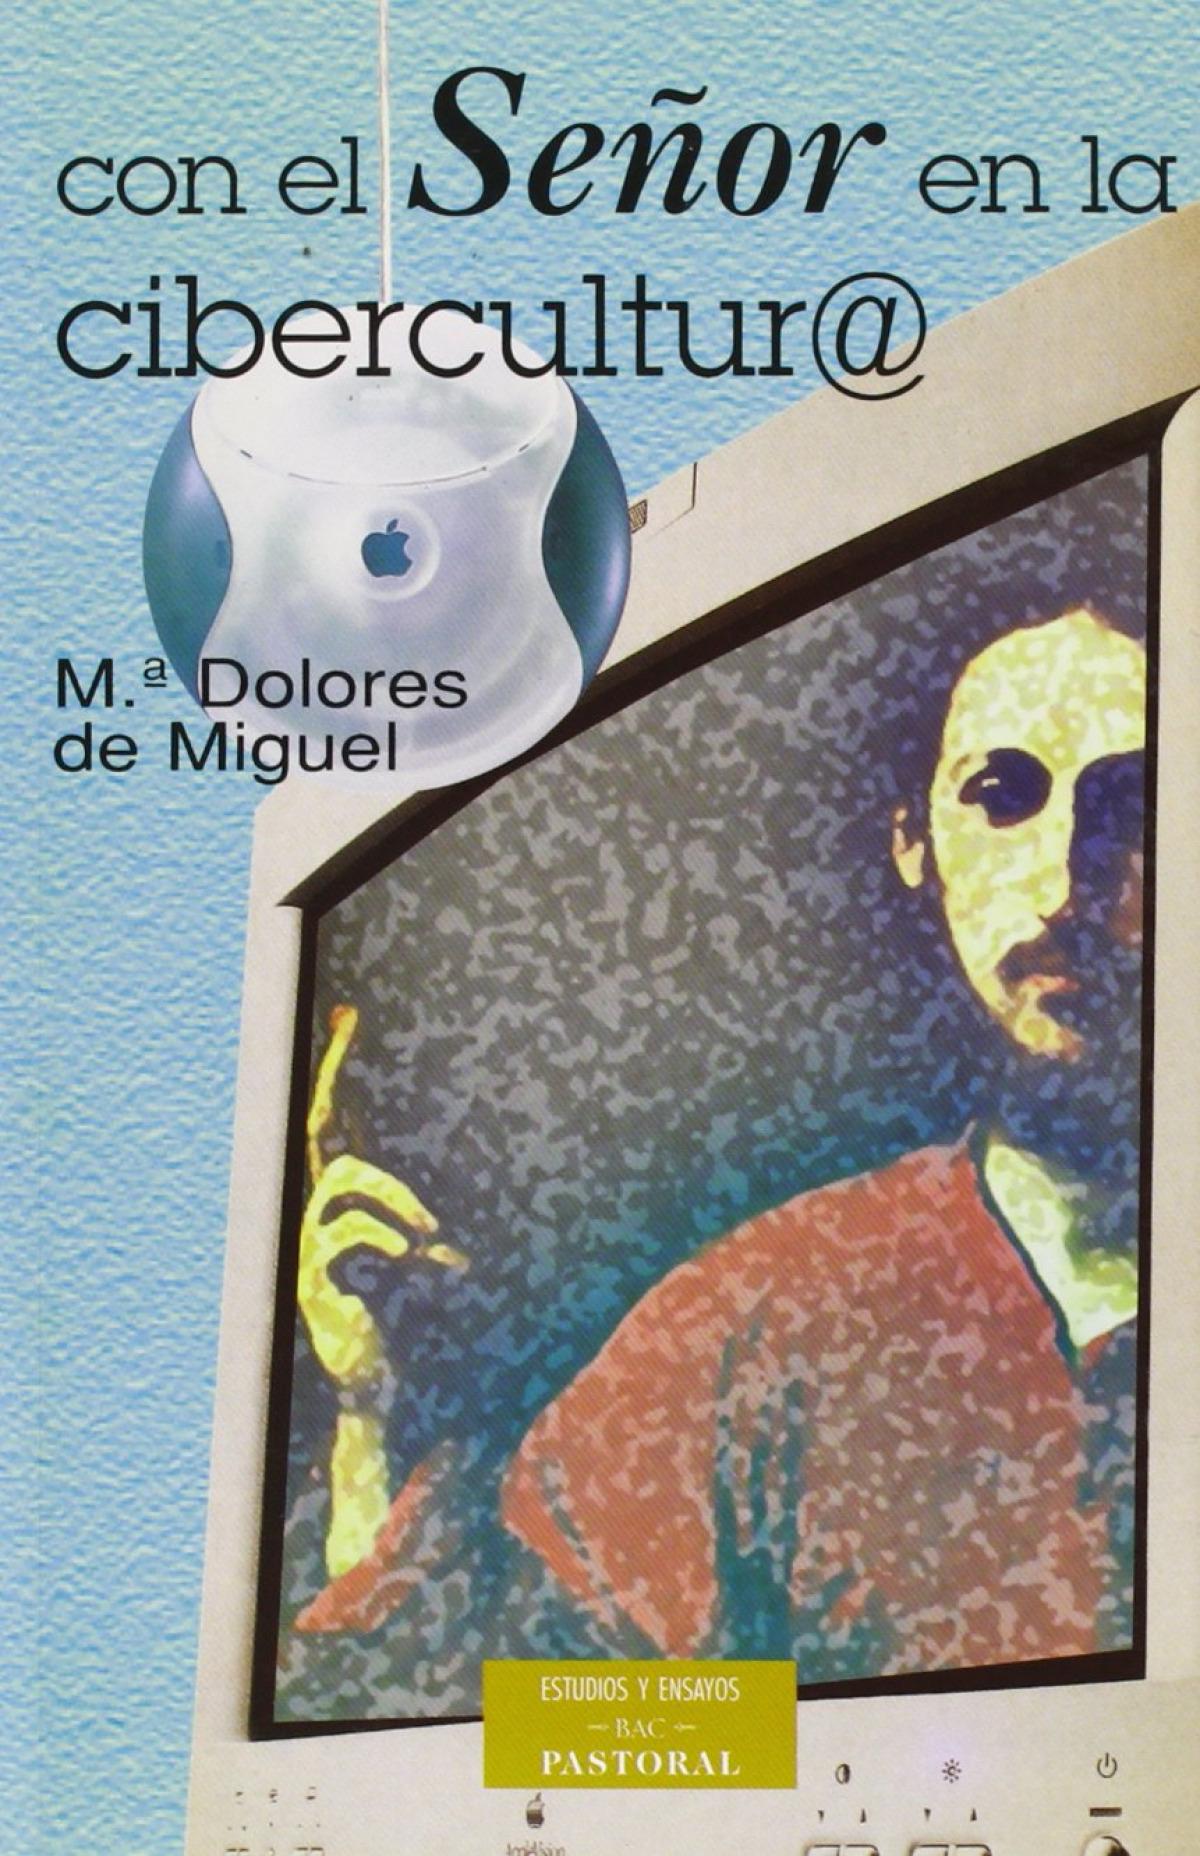 Con el Señor en la cibercultura - Miguel Poyard, María Dolores de